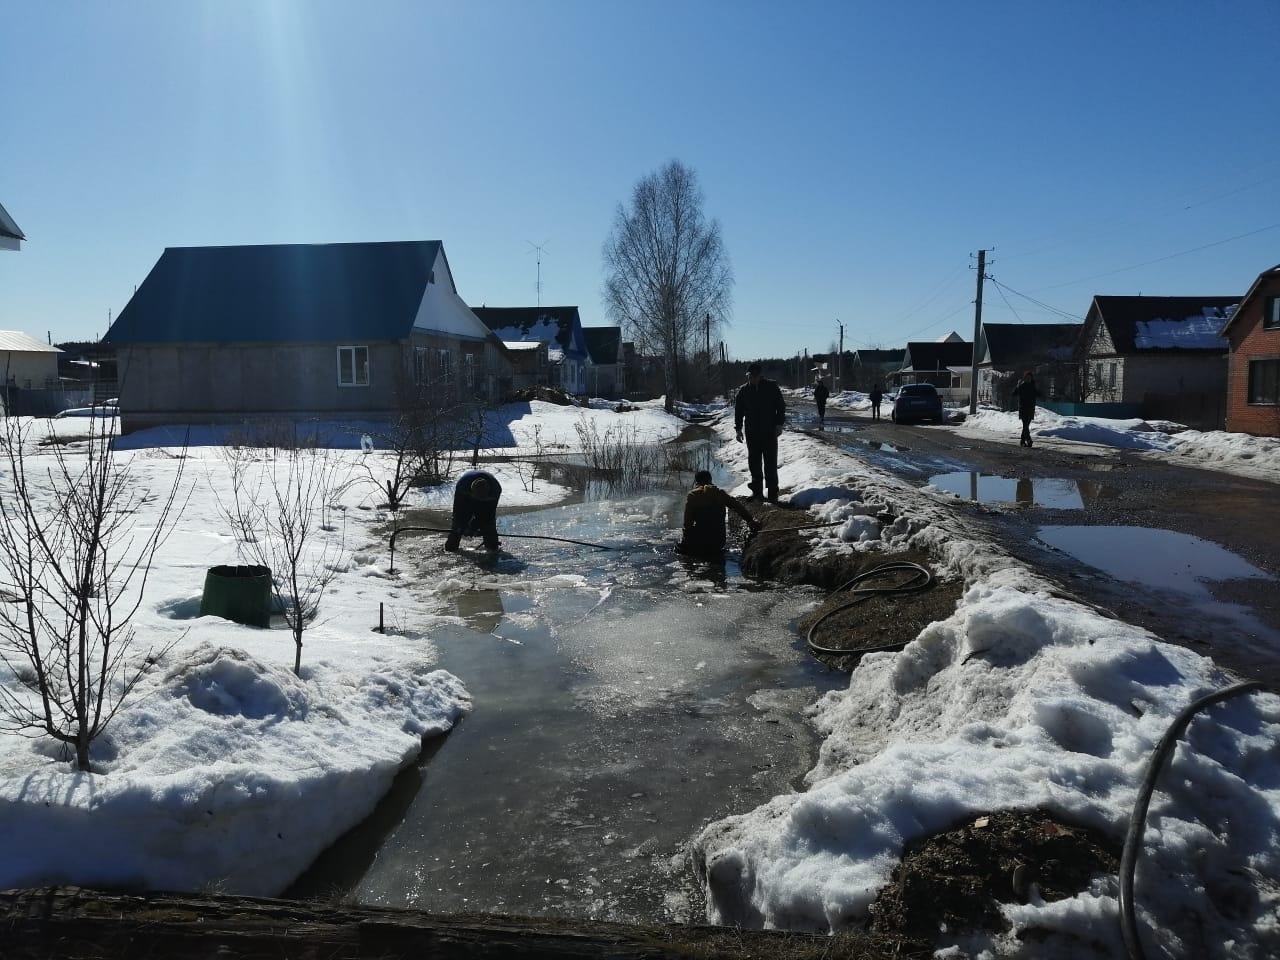 В Можге продолжаются противопаводковые мероприятия.Прочищают водопропускные канавы